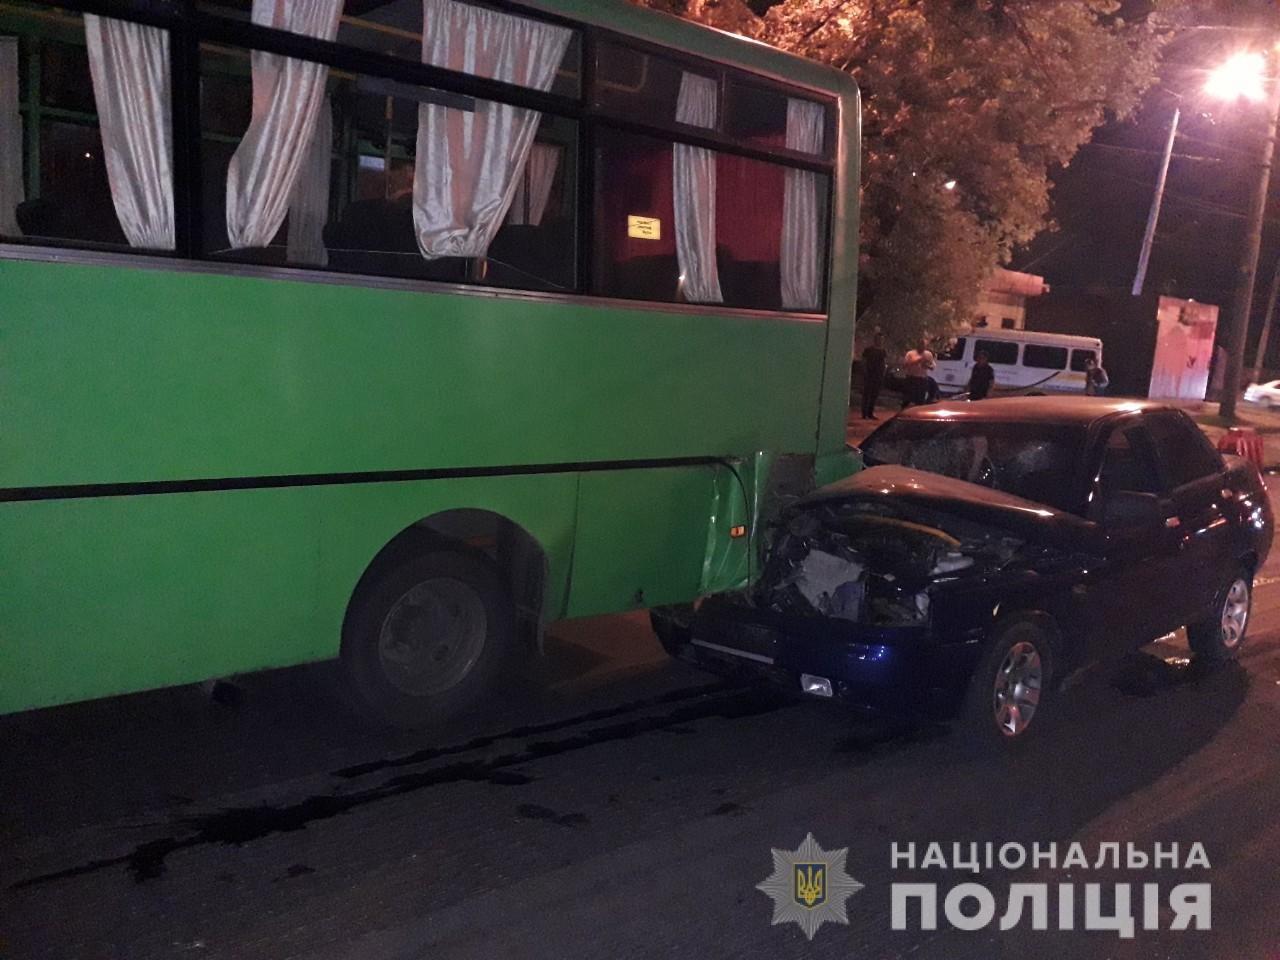 В Харькове «легковушка» на полной скорости «влетела» в автобус: пять человек пострадали, - ФОТО, ВИДЕО, фото-1